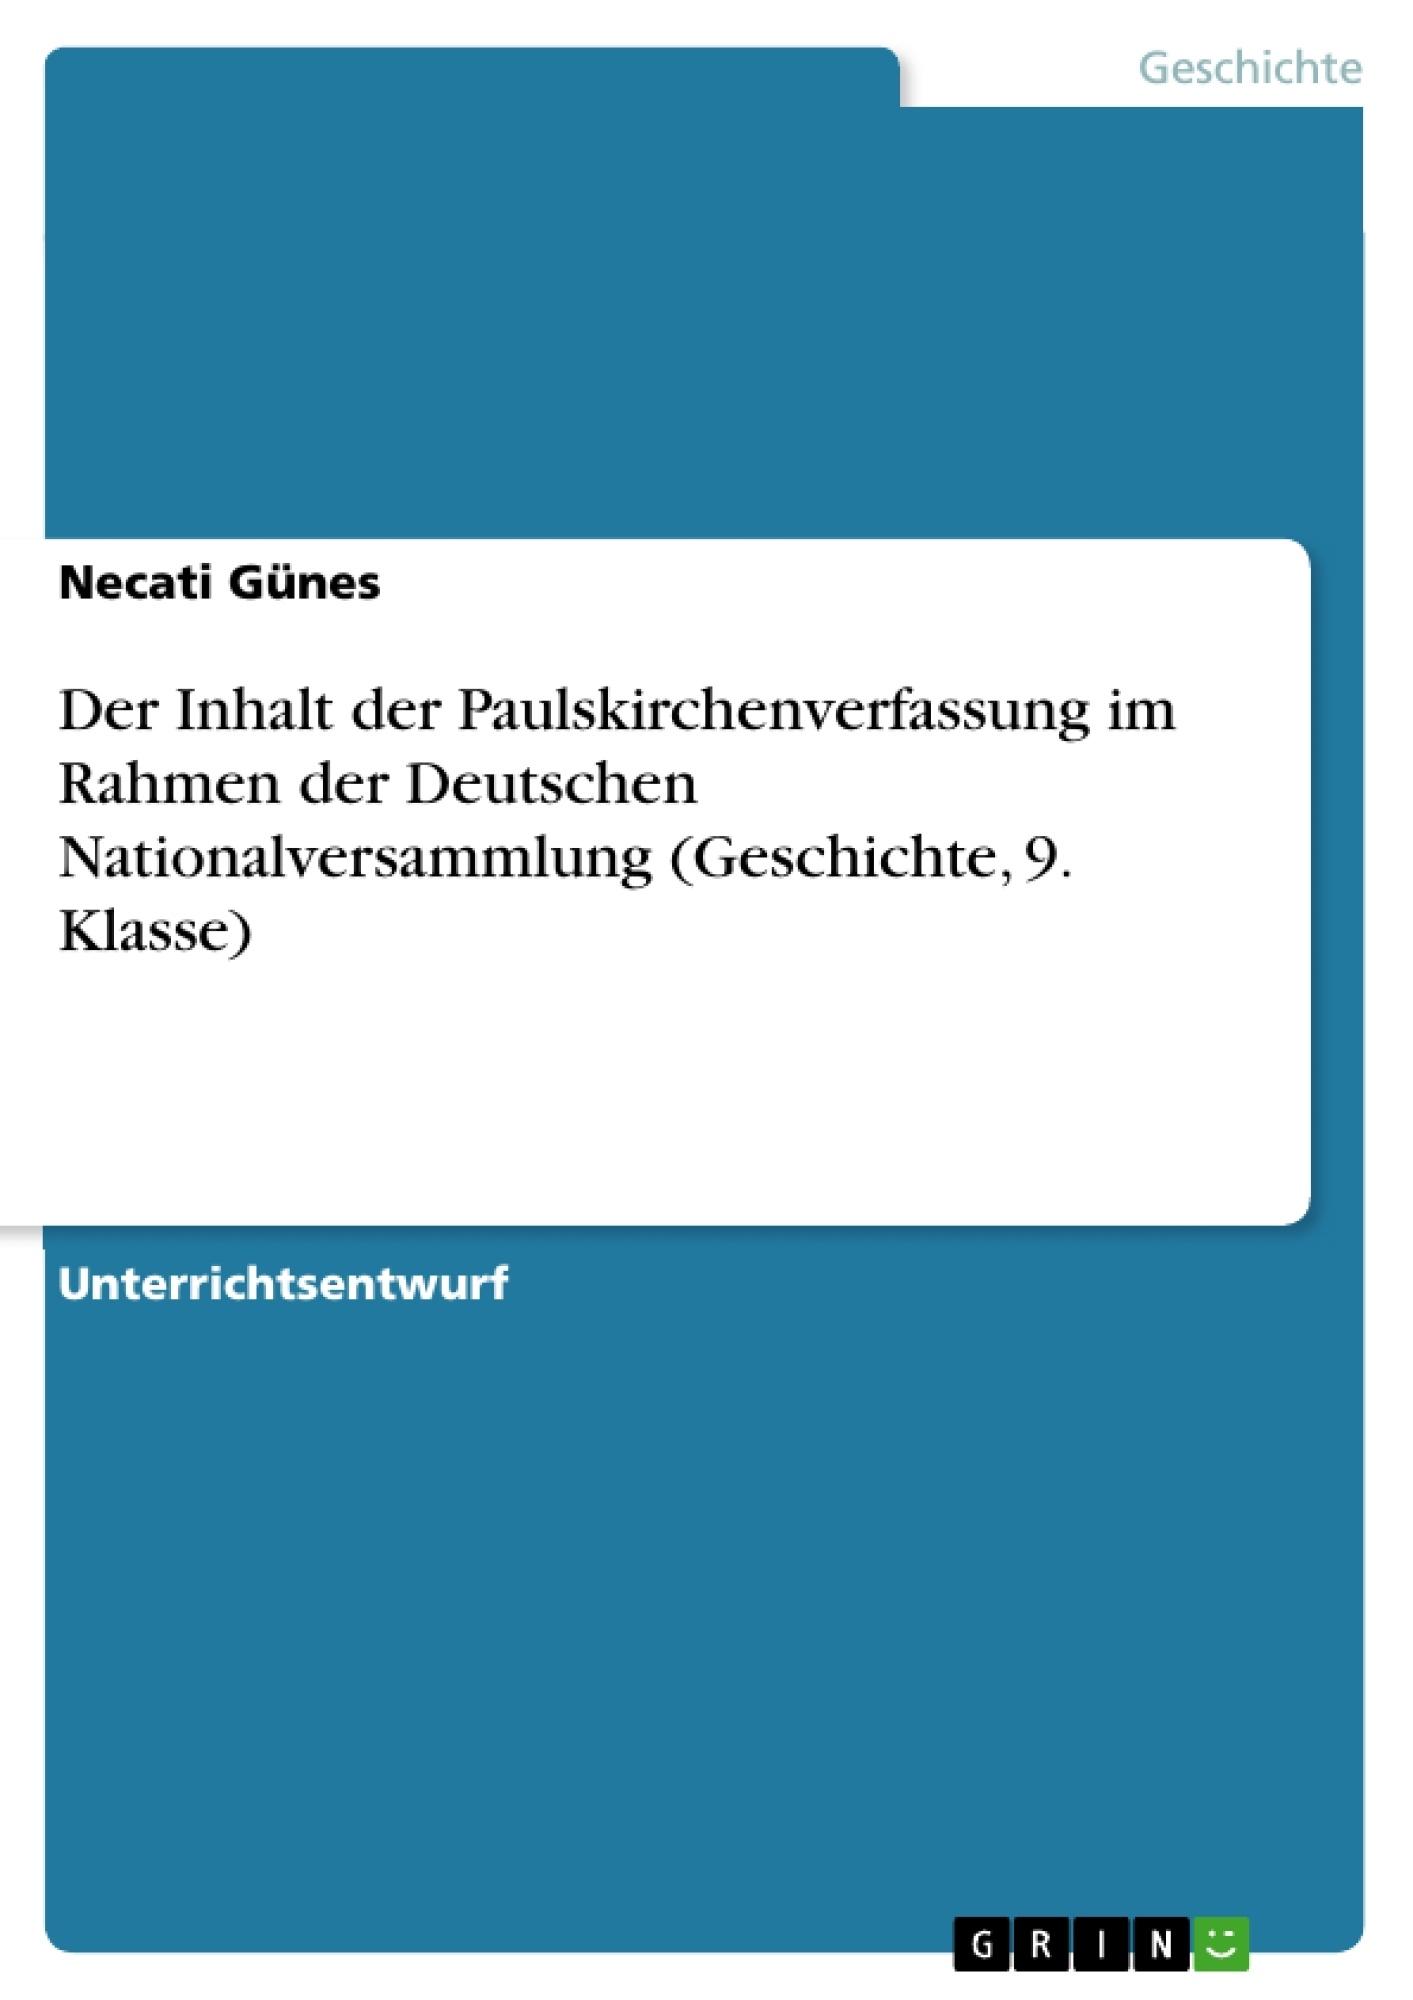 Titel: Der Inhalt der Paulskirchenverfassung im Rahmen der Deutschen Nationalversammlung (Geschichte, 9. Klasse)